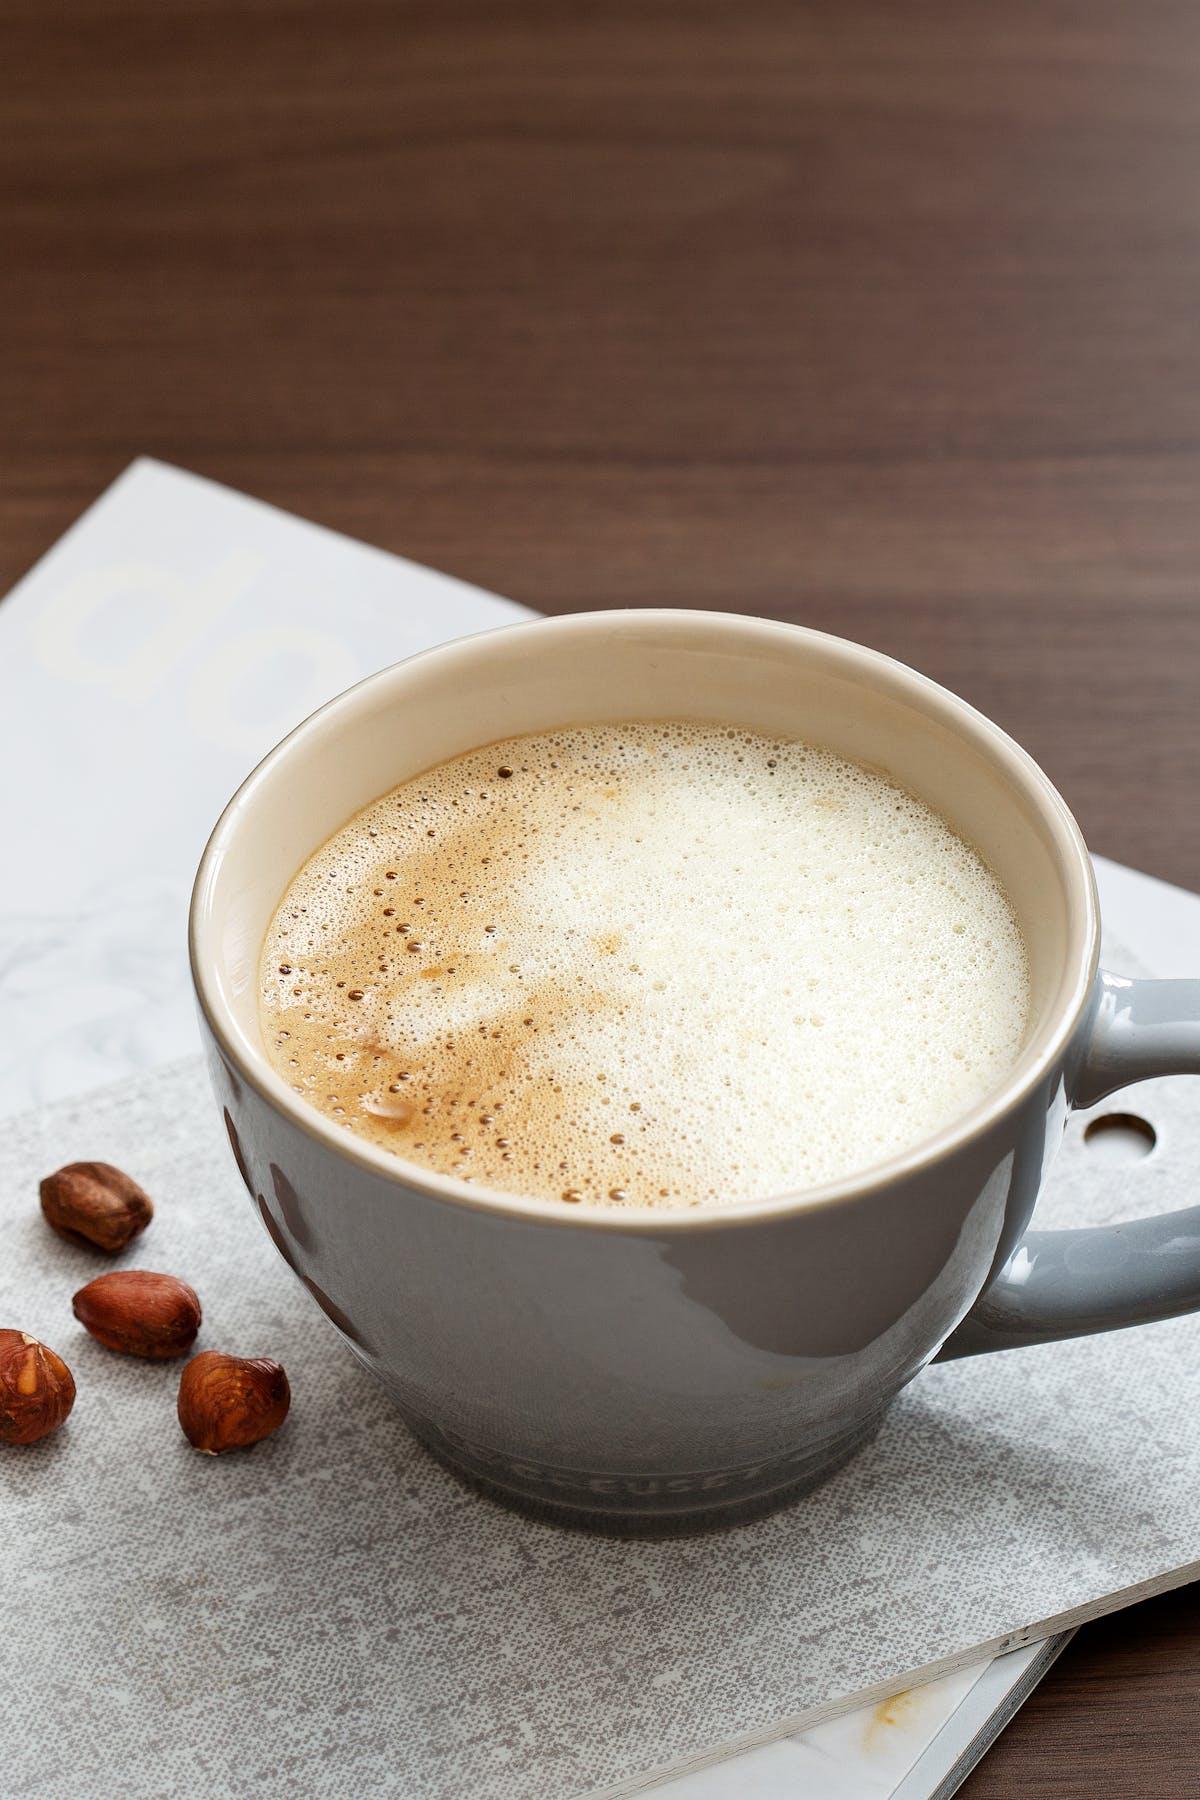 ¿está bien tomar café con una dieta cetosis?